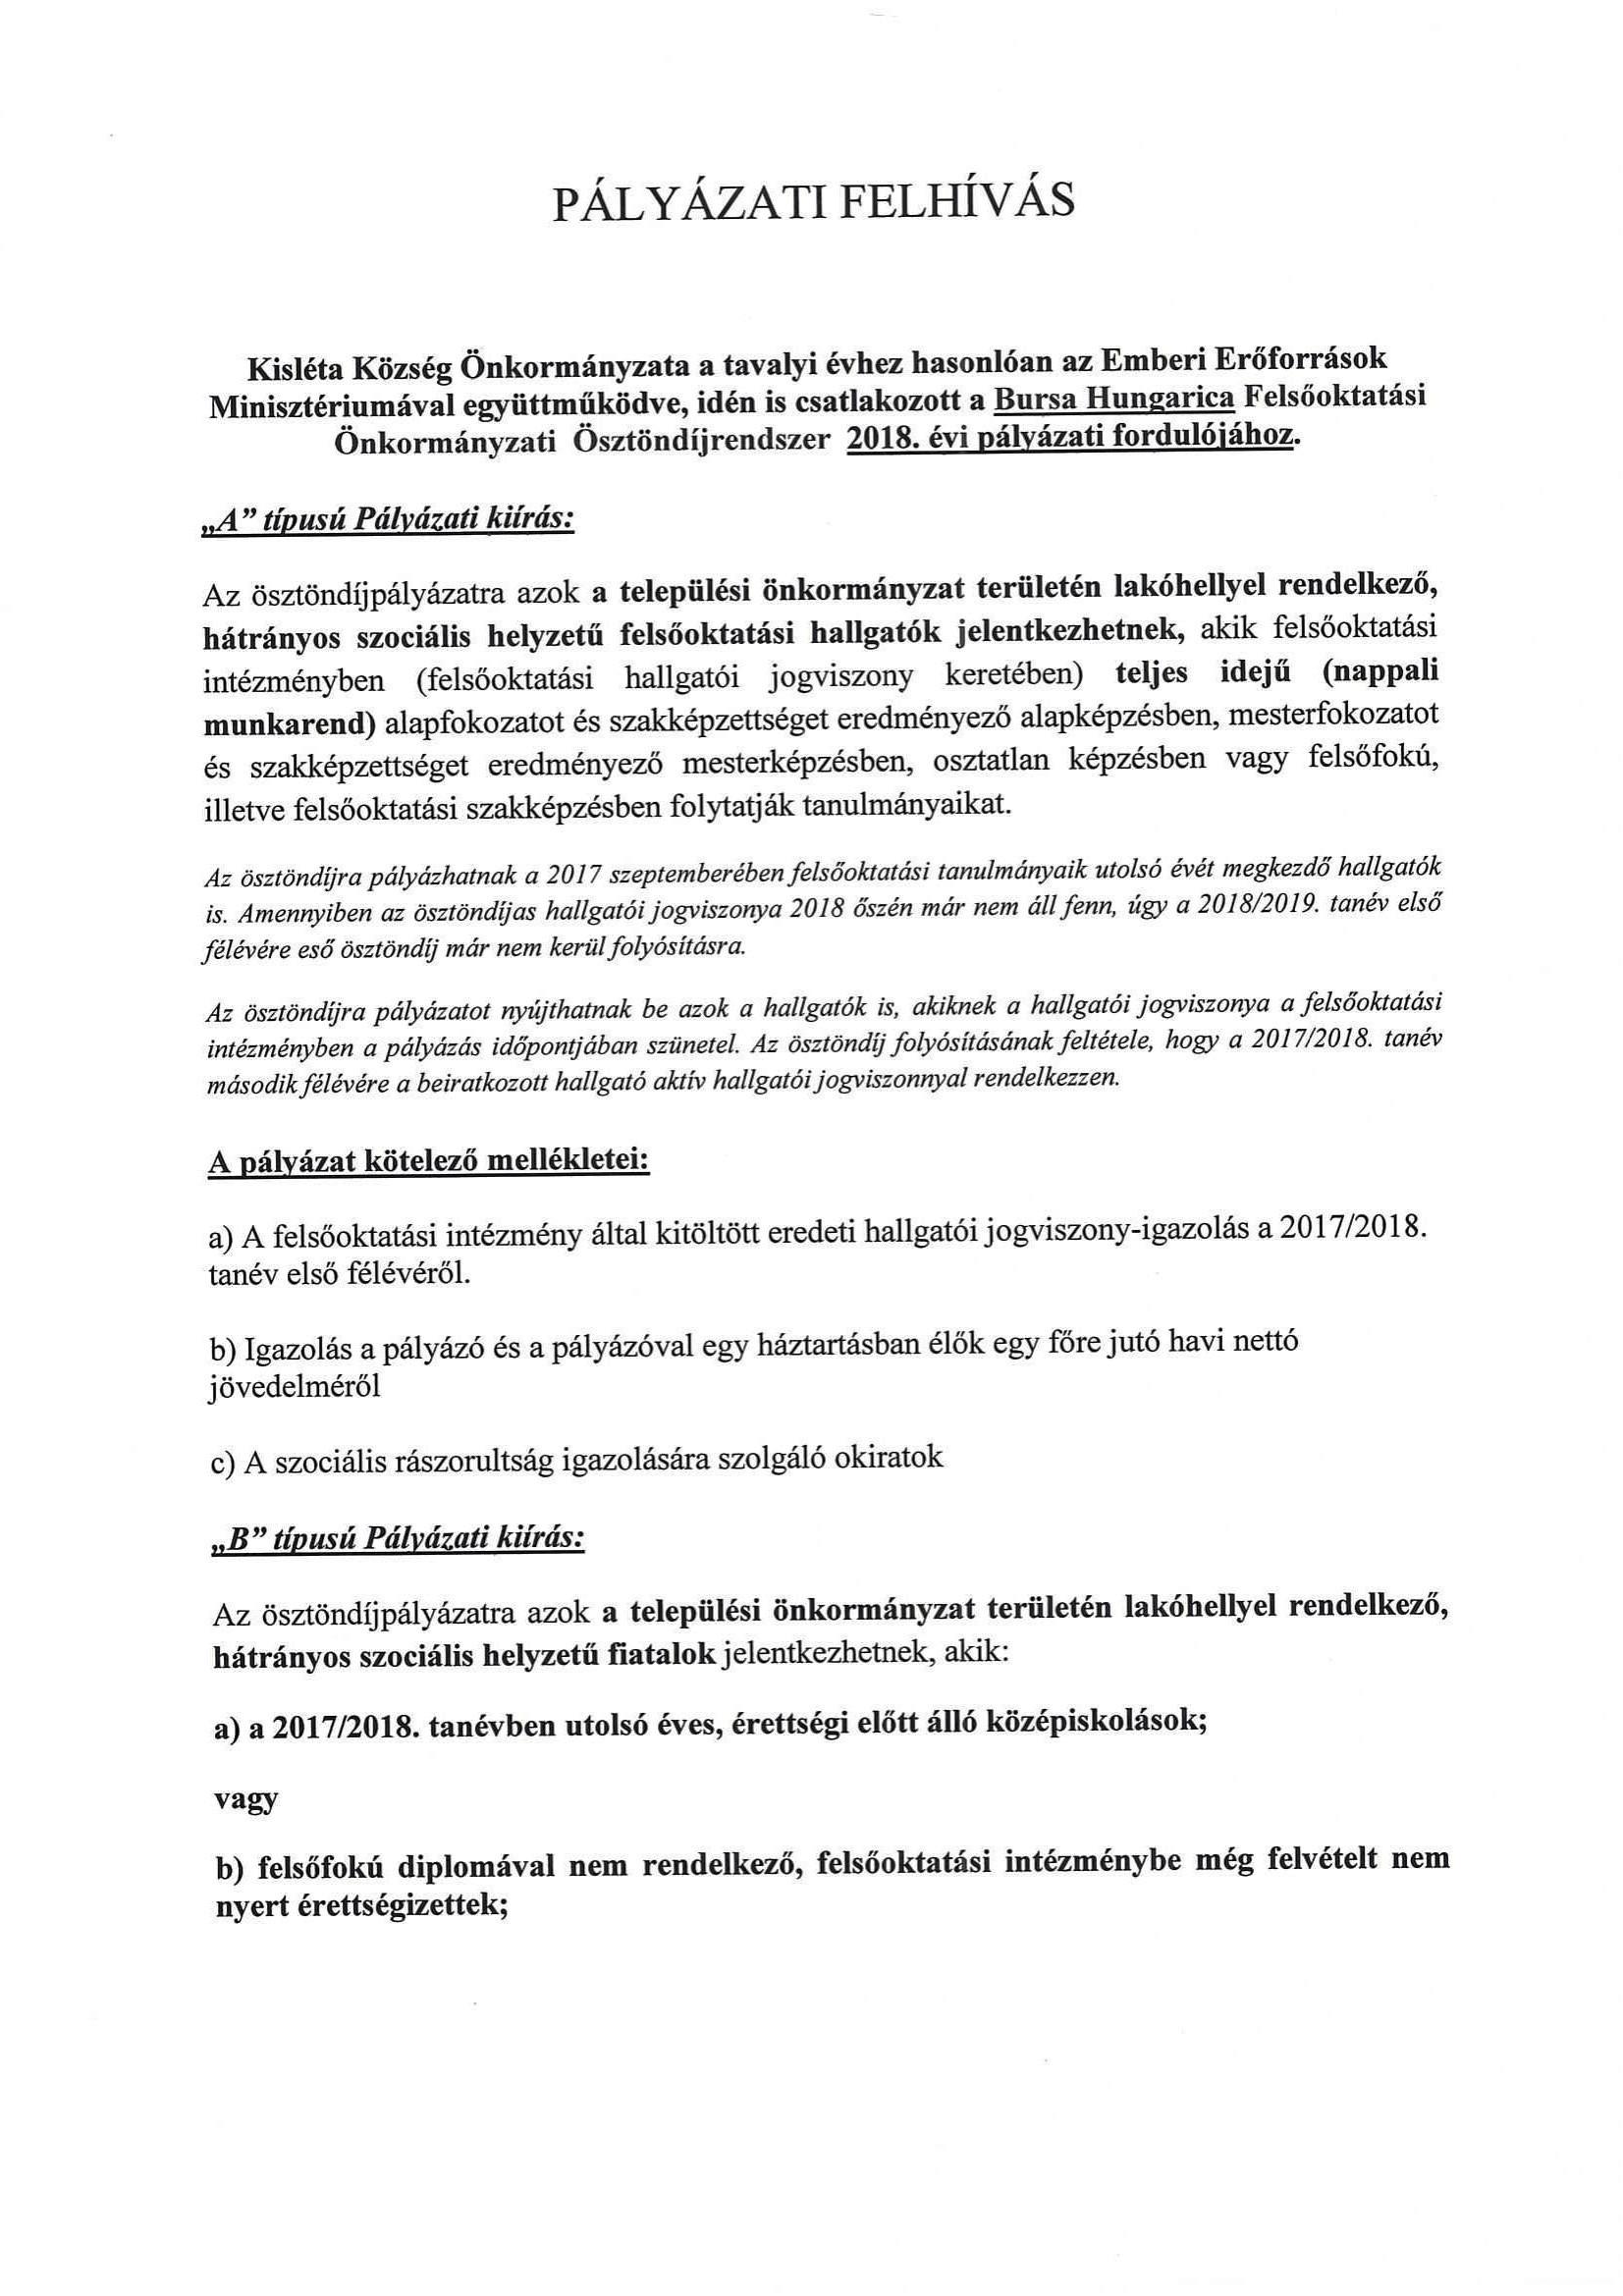 Bursa ösztöndíj (1)